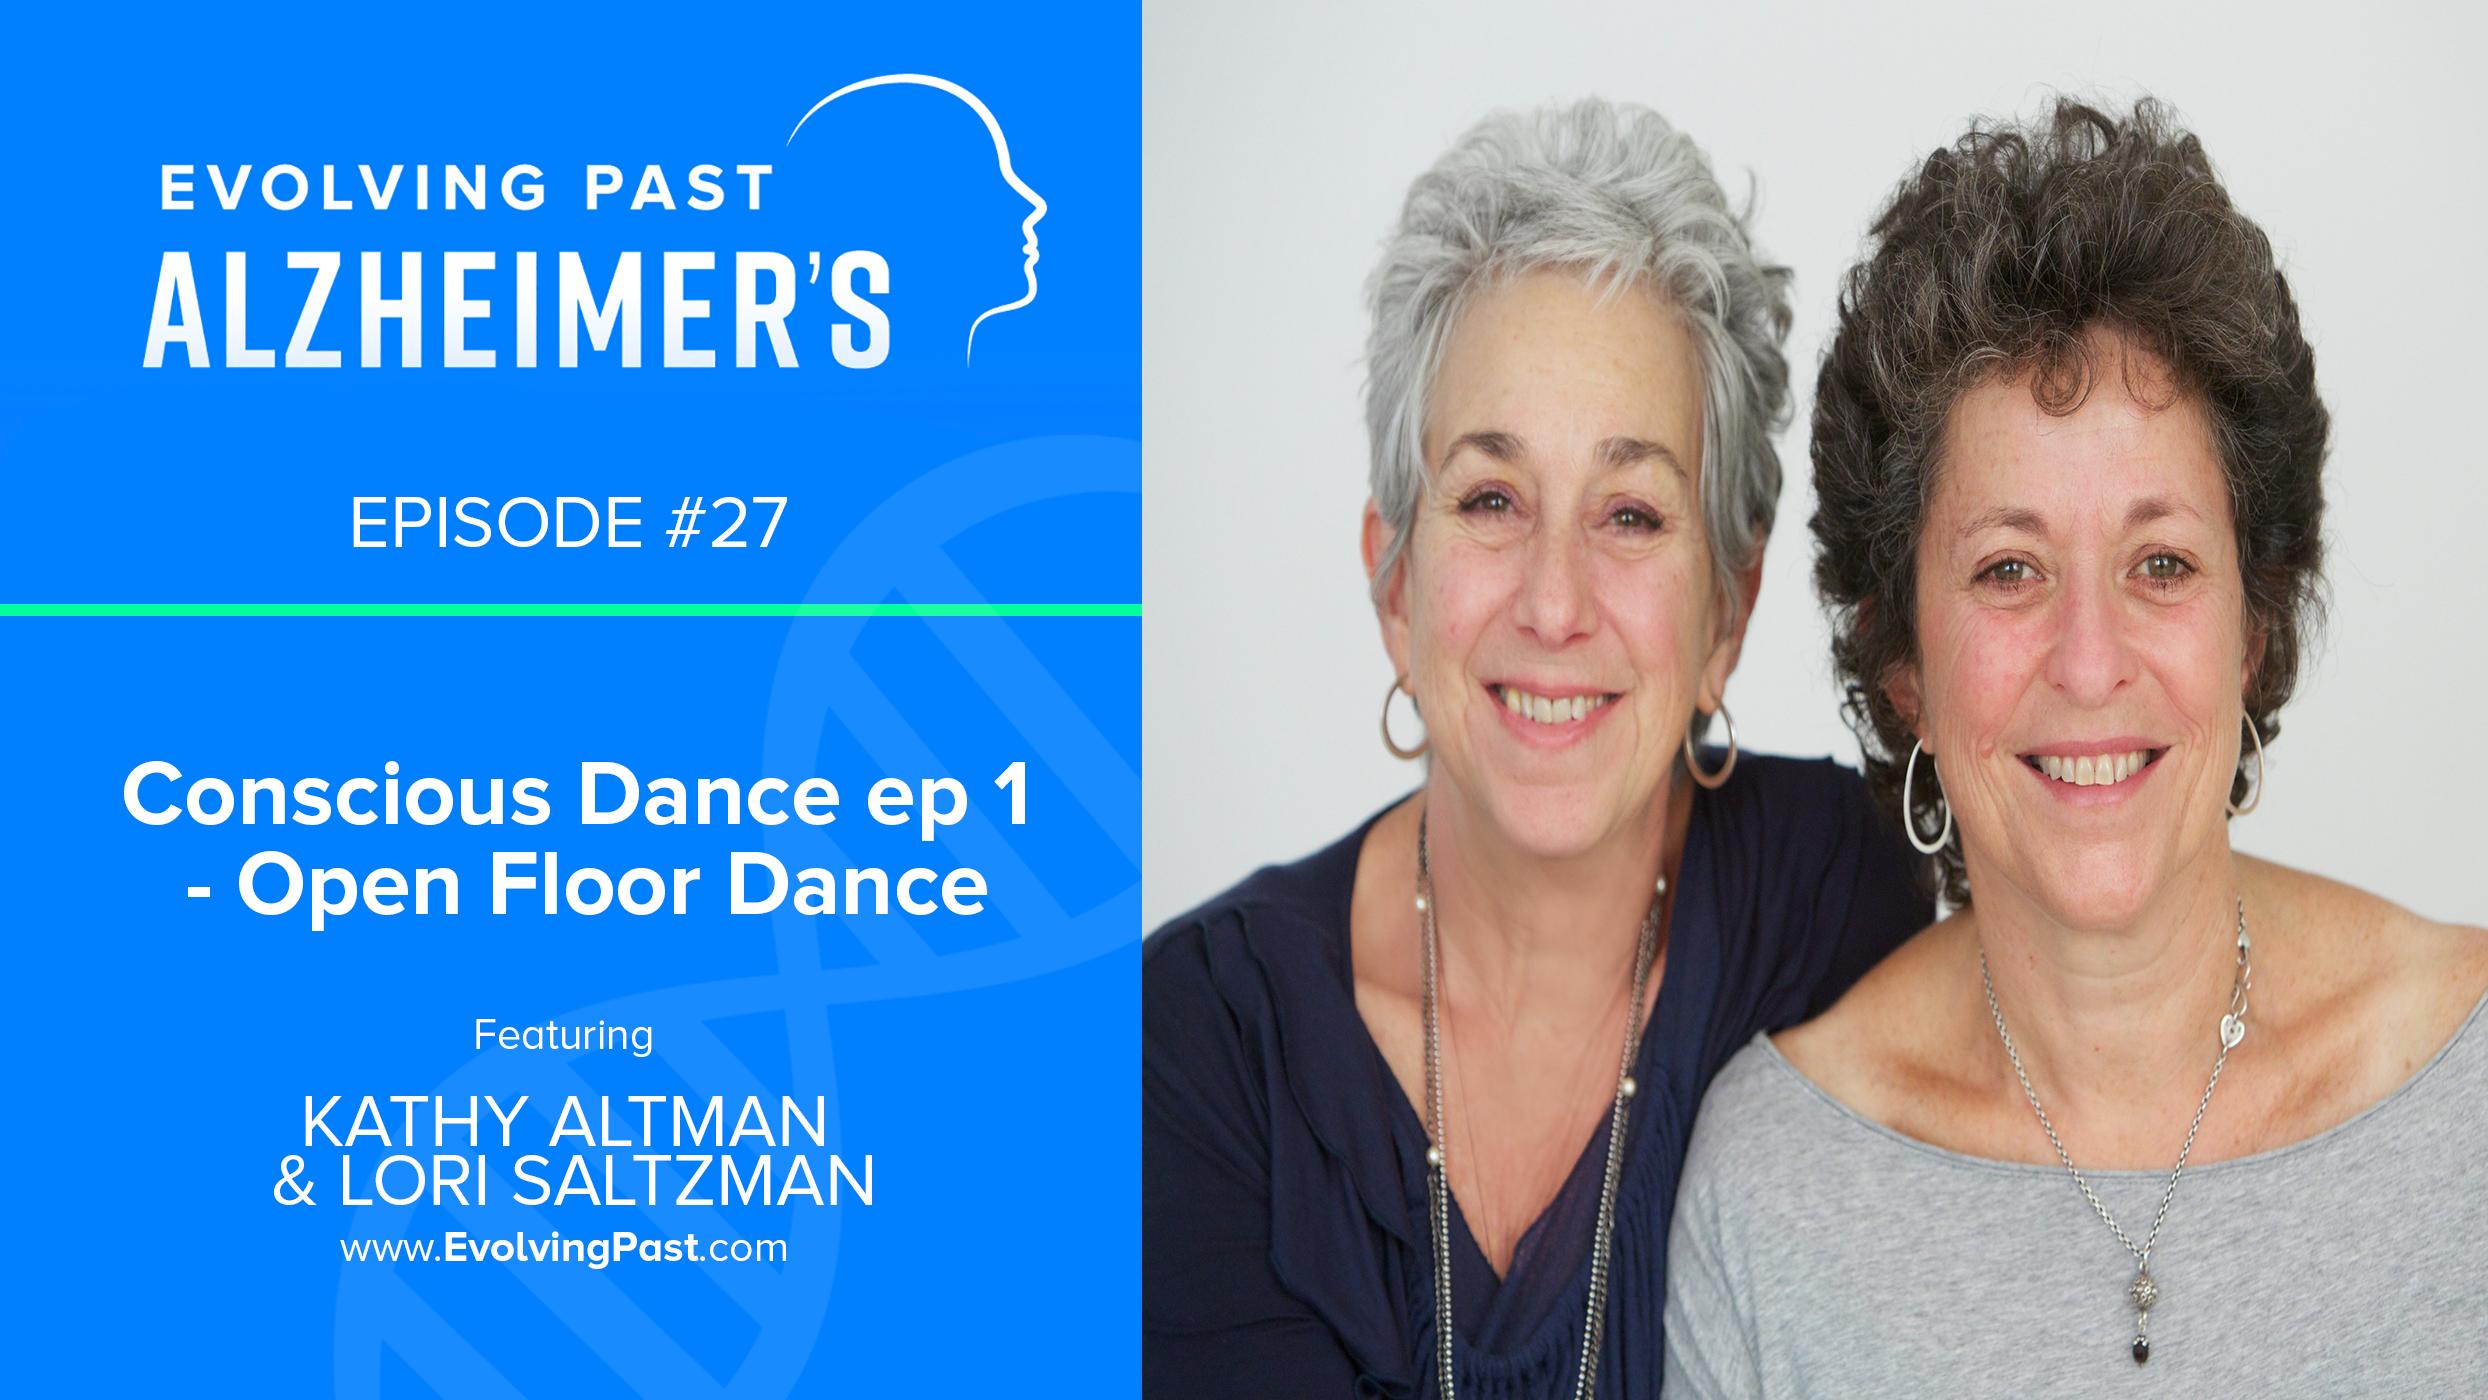 Evolving Past Alzheimers - Episode 27 Open Floor Dance